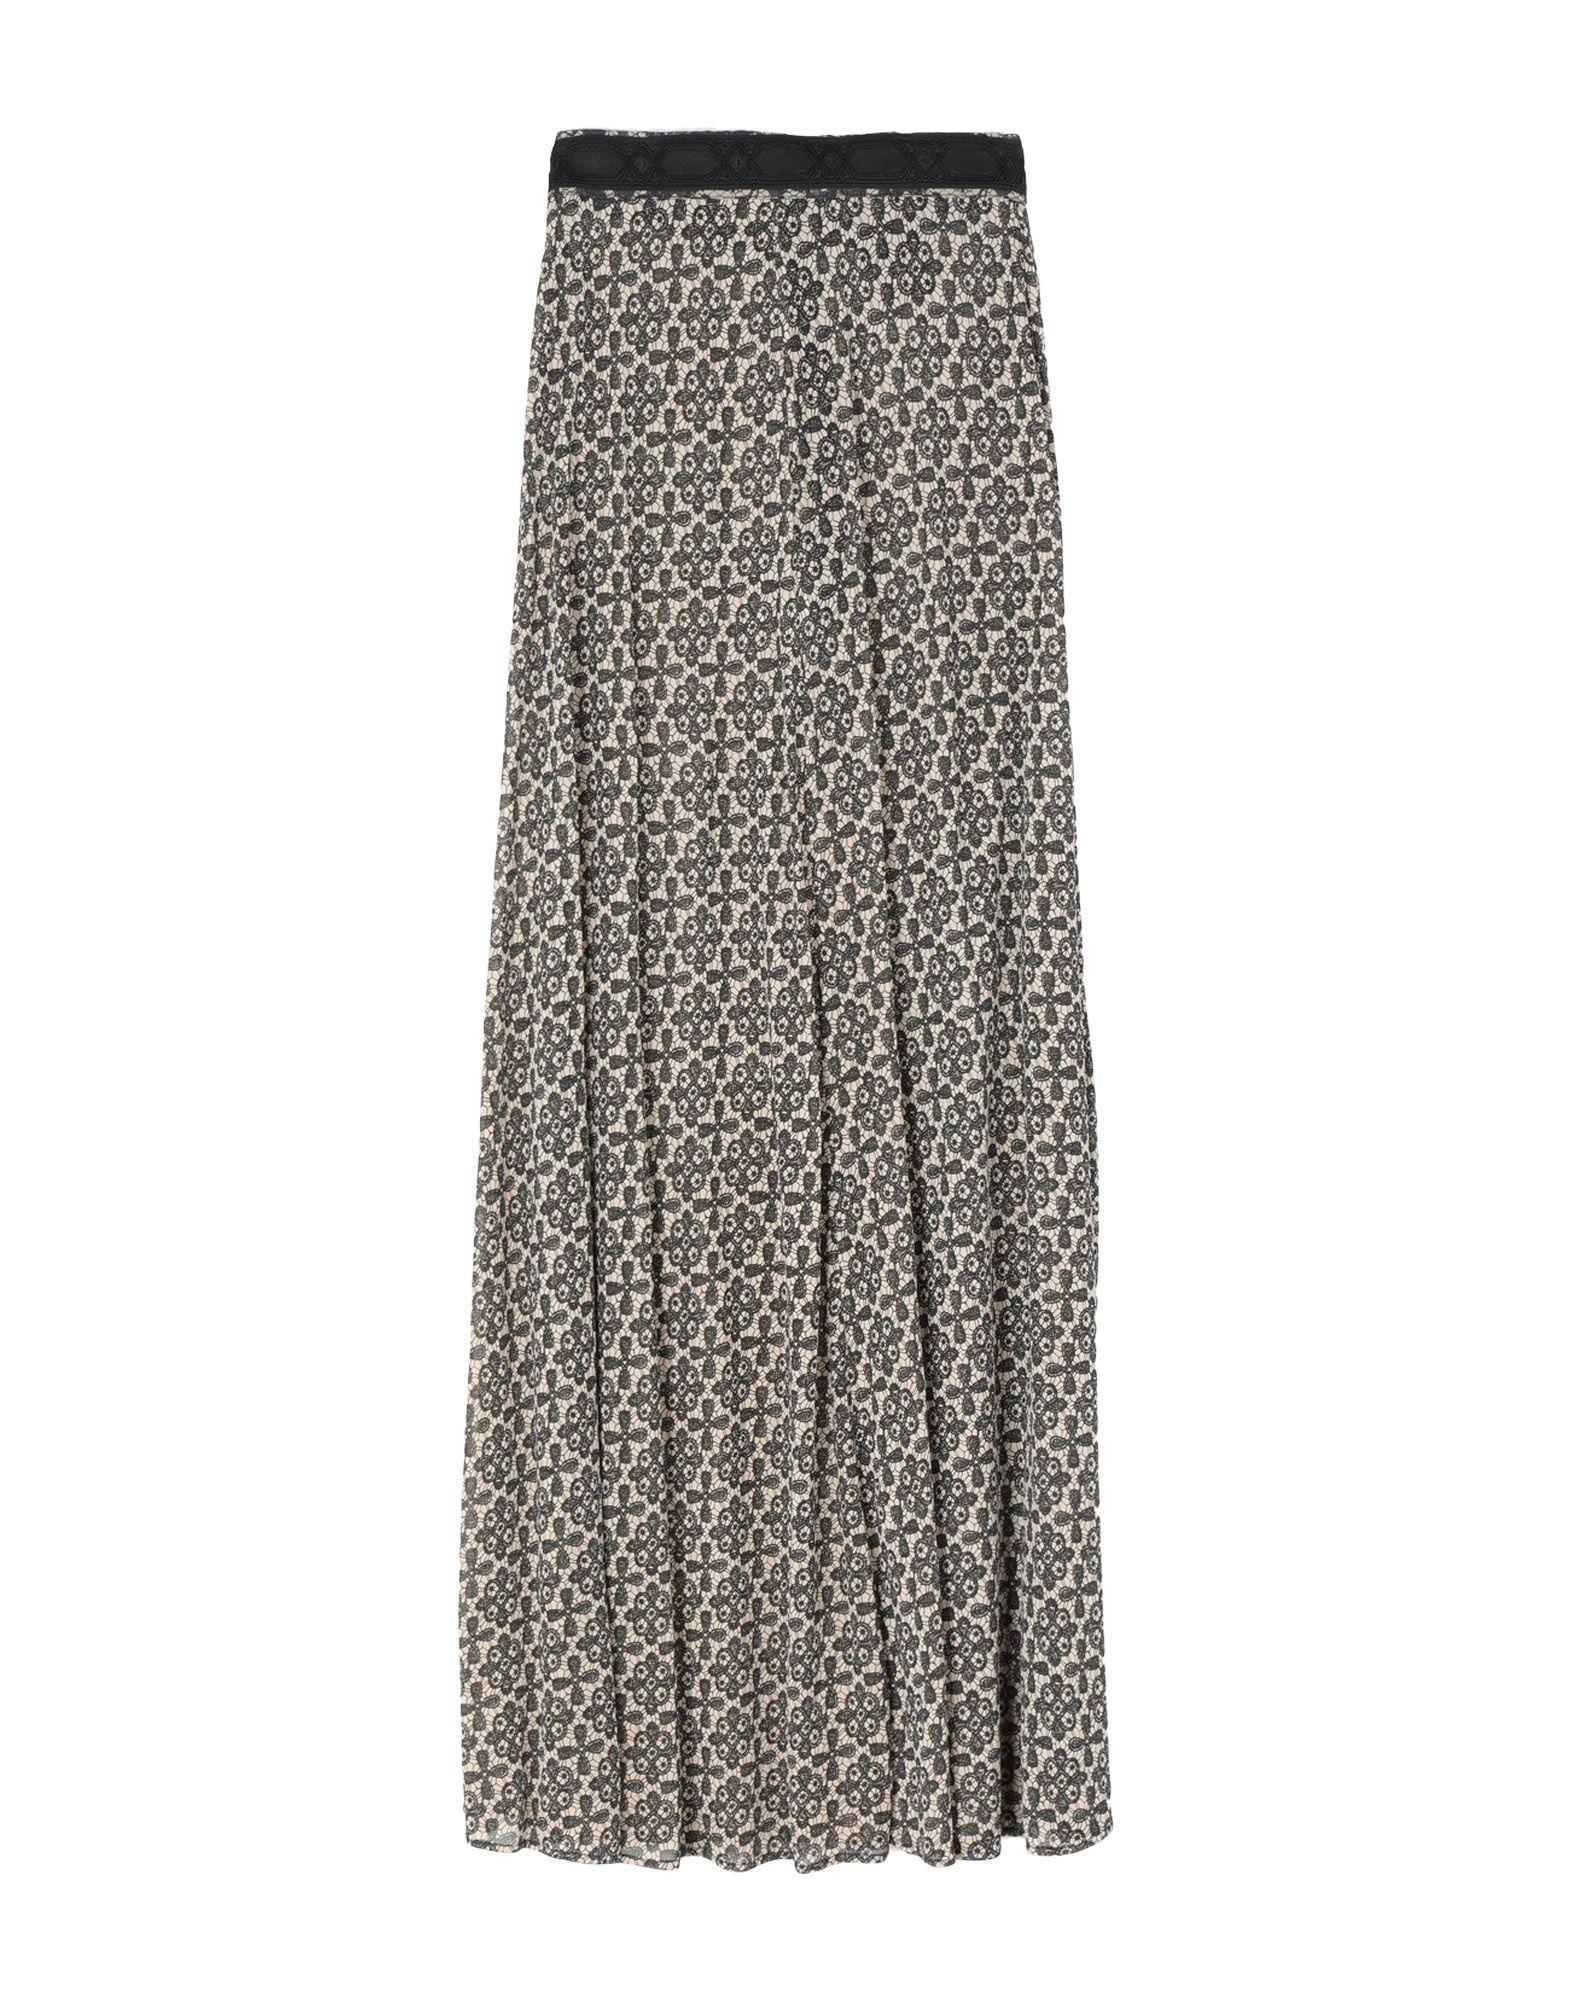 《送料無料》MIMI LIBERT? by MICHEL KLEIN レディース ロングスカート サンド 34 レーヨン 100%